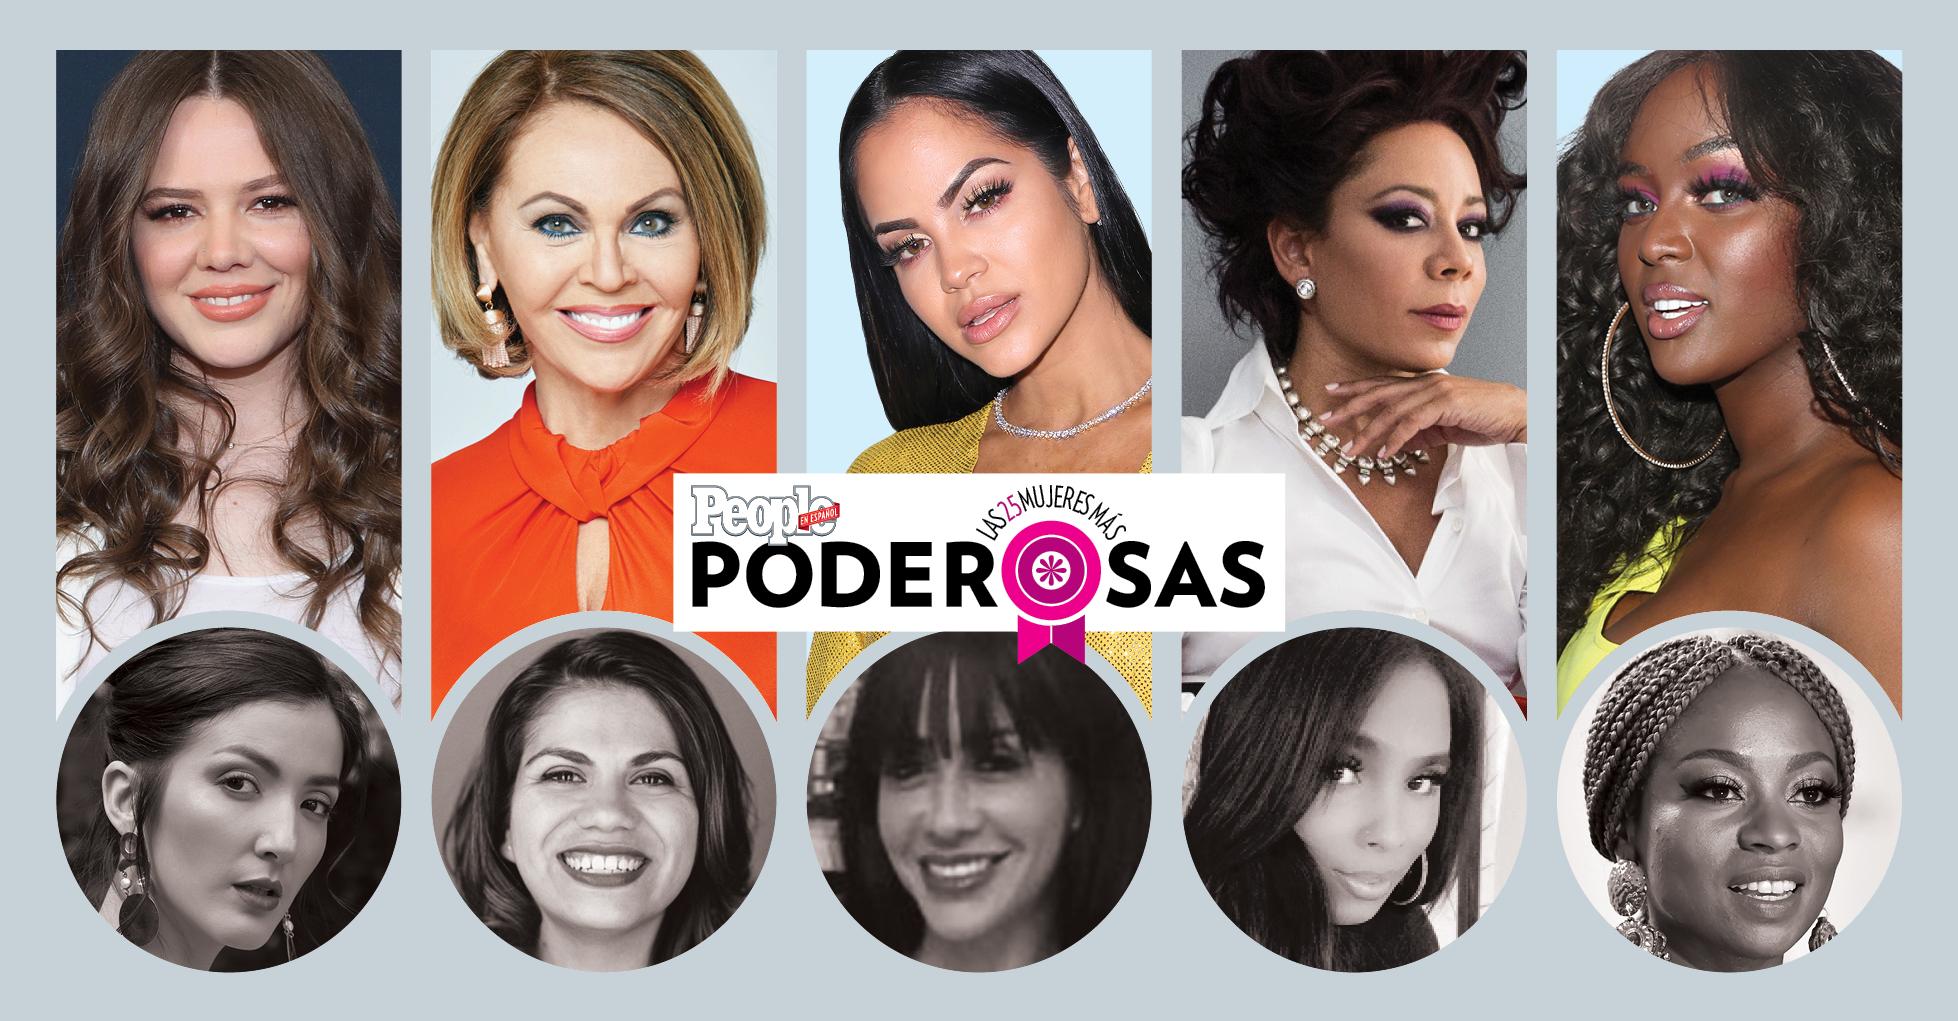 Poderosas People En Espanol 2020 Votacion People En Espanol